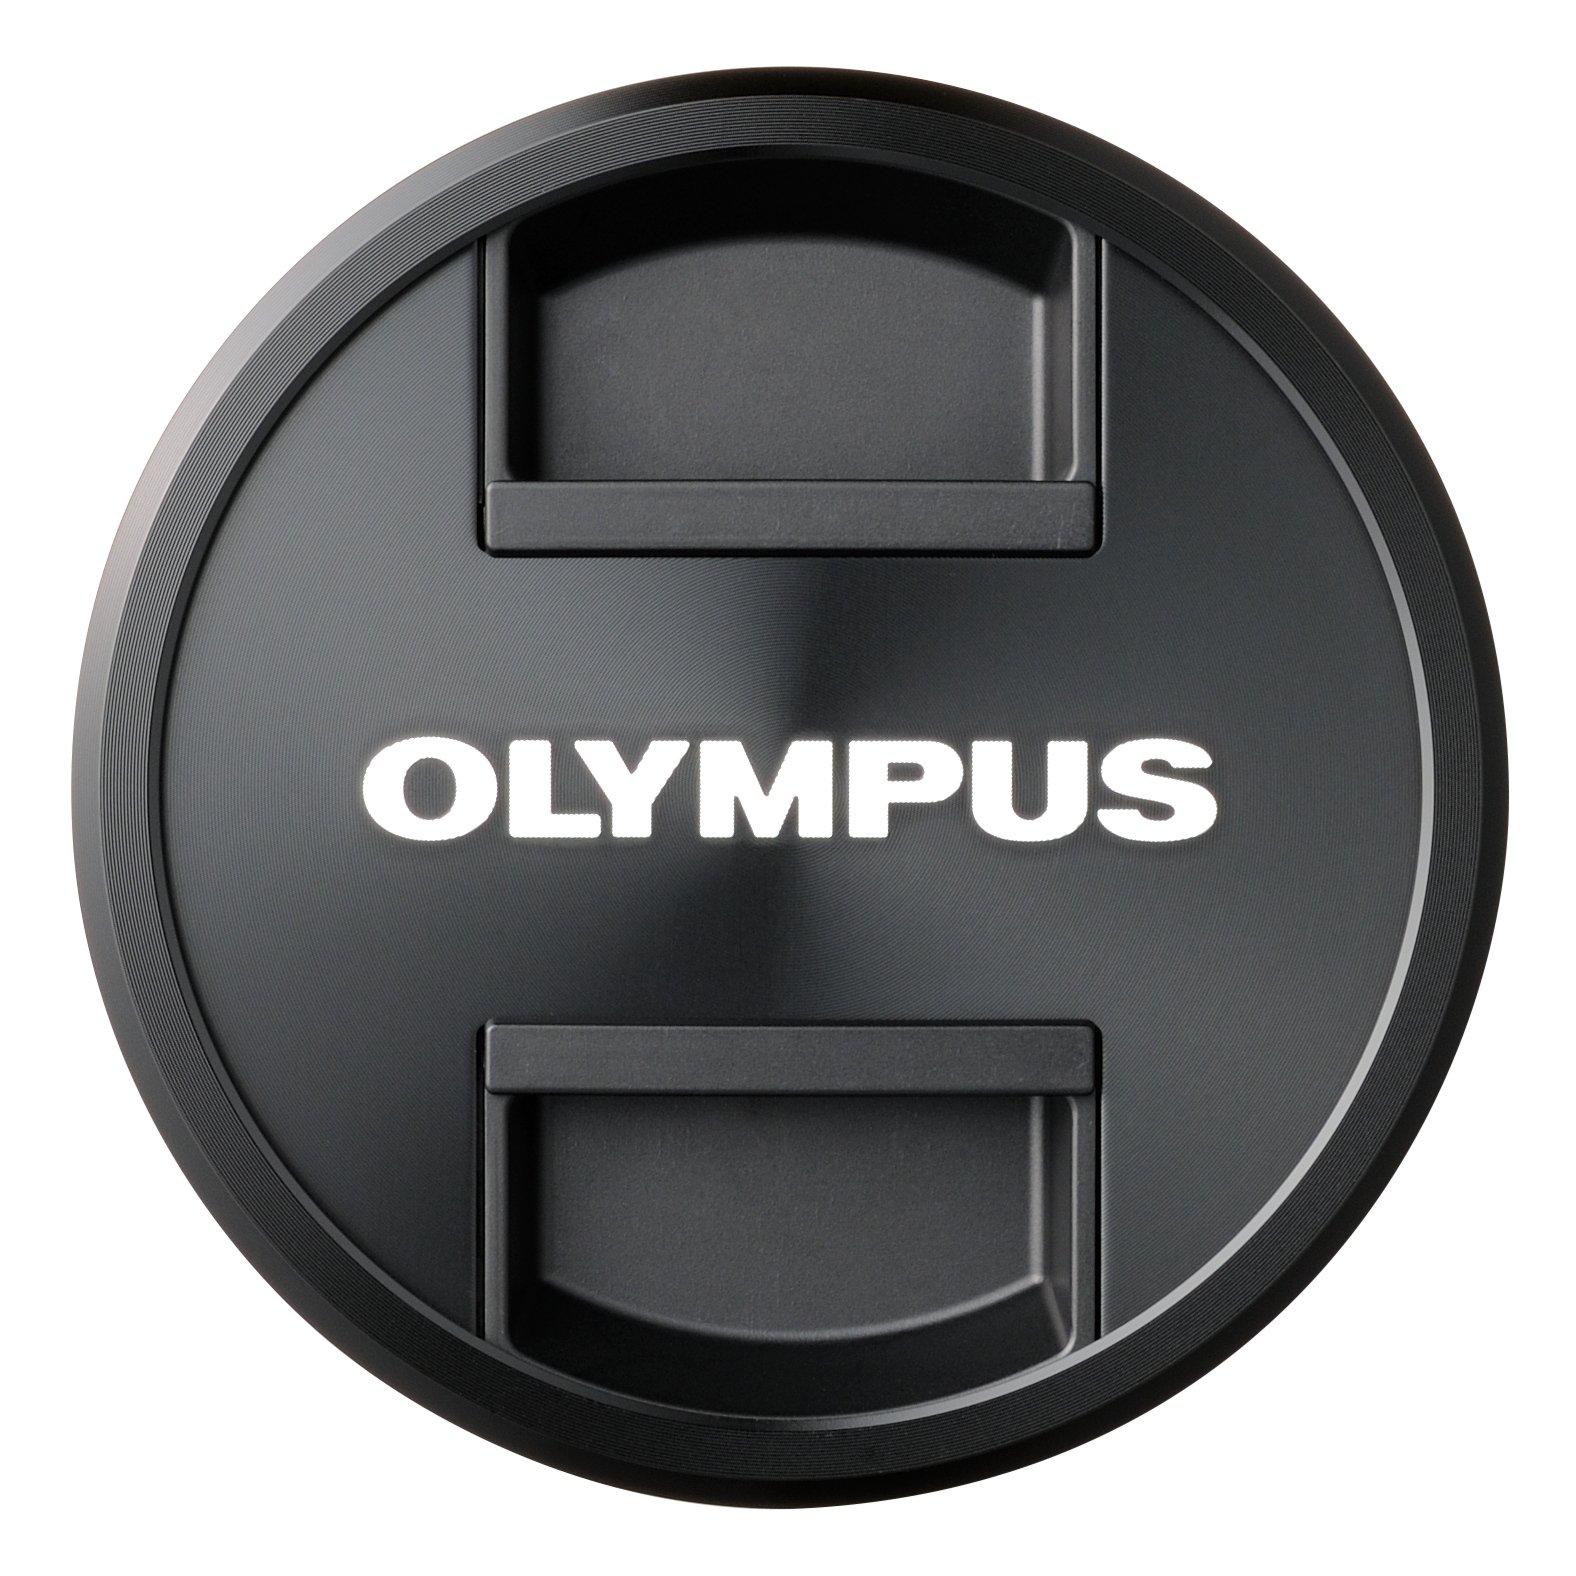 Olympus LC-62D - Lens cap - for P/N: V314060BE000, V314060BU000